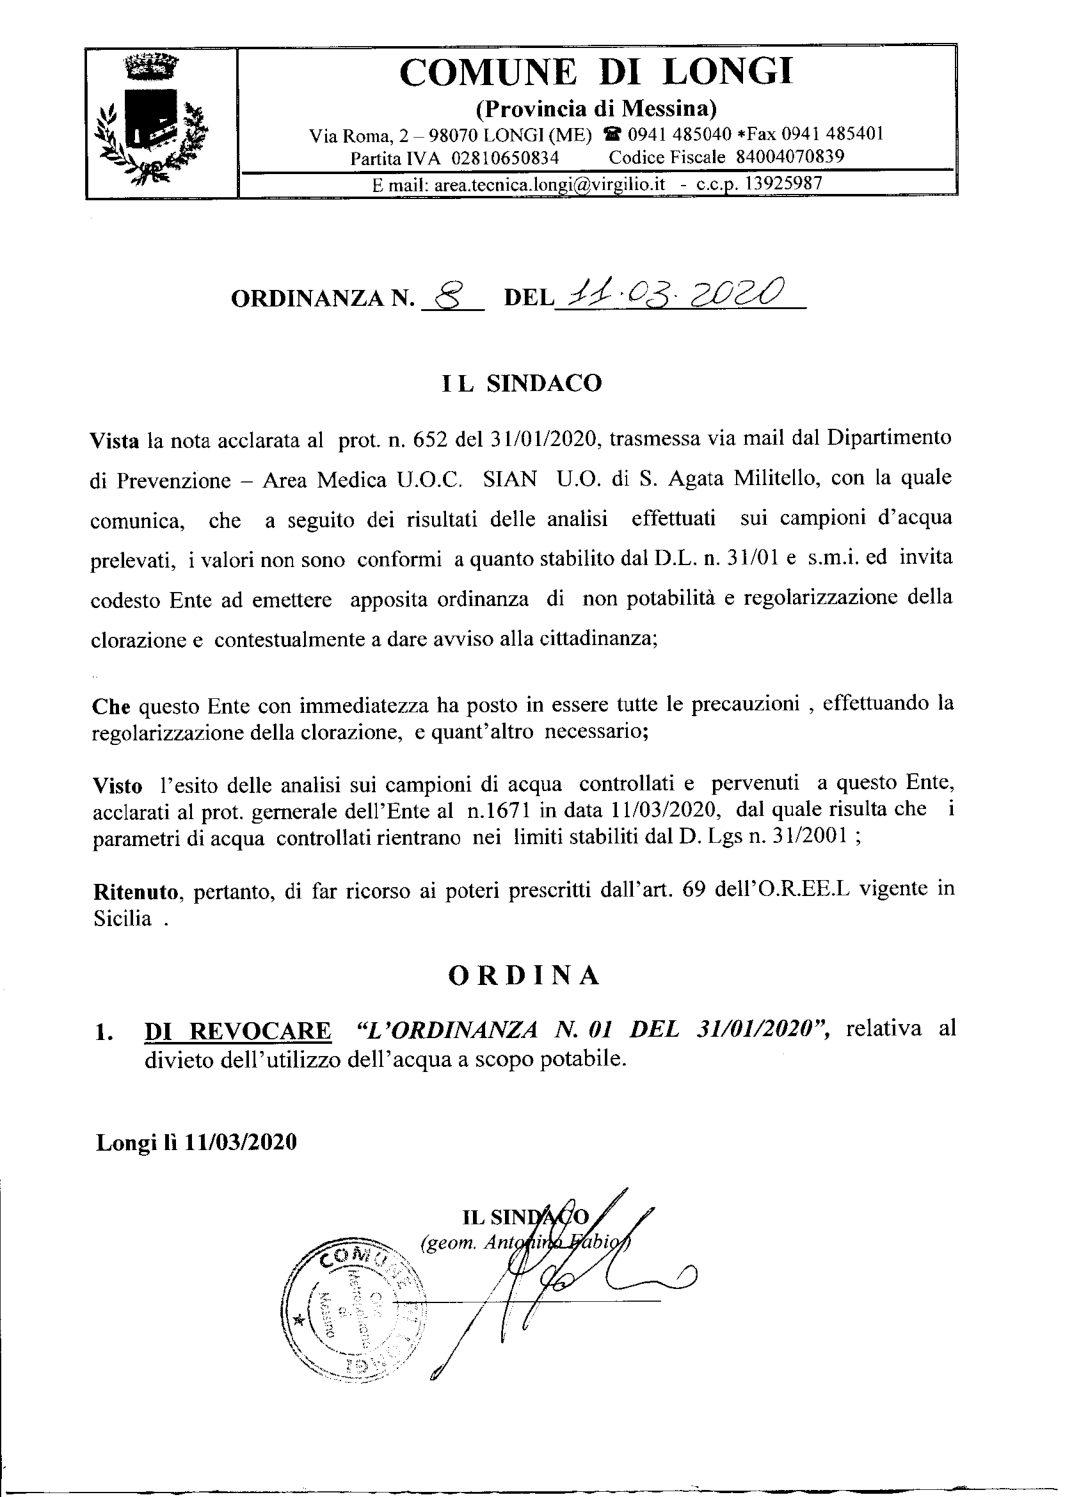 Revoca ordinanza n.1 del 31 Gennaio 2020 relativa al divieto dell'utilizzo dell'acqua a scopo potabile